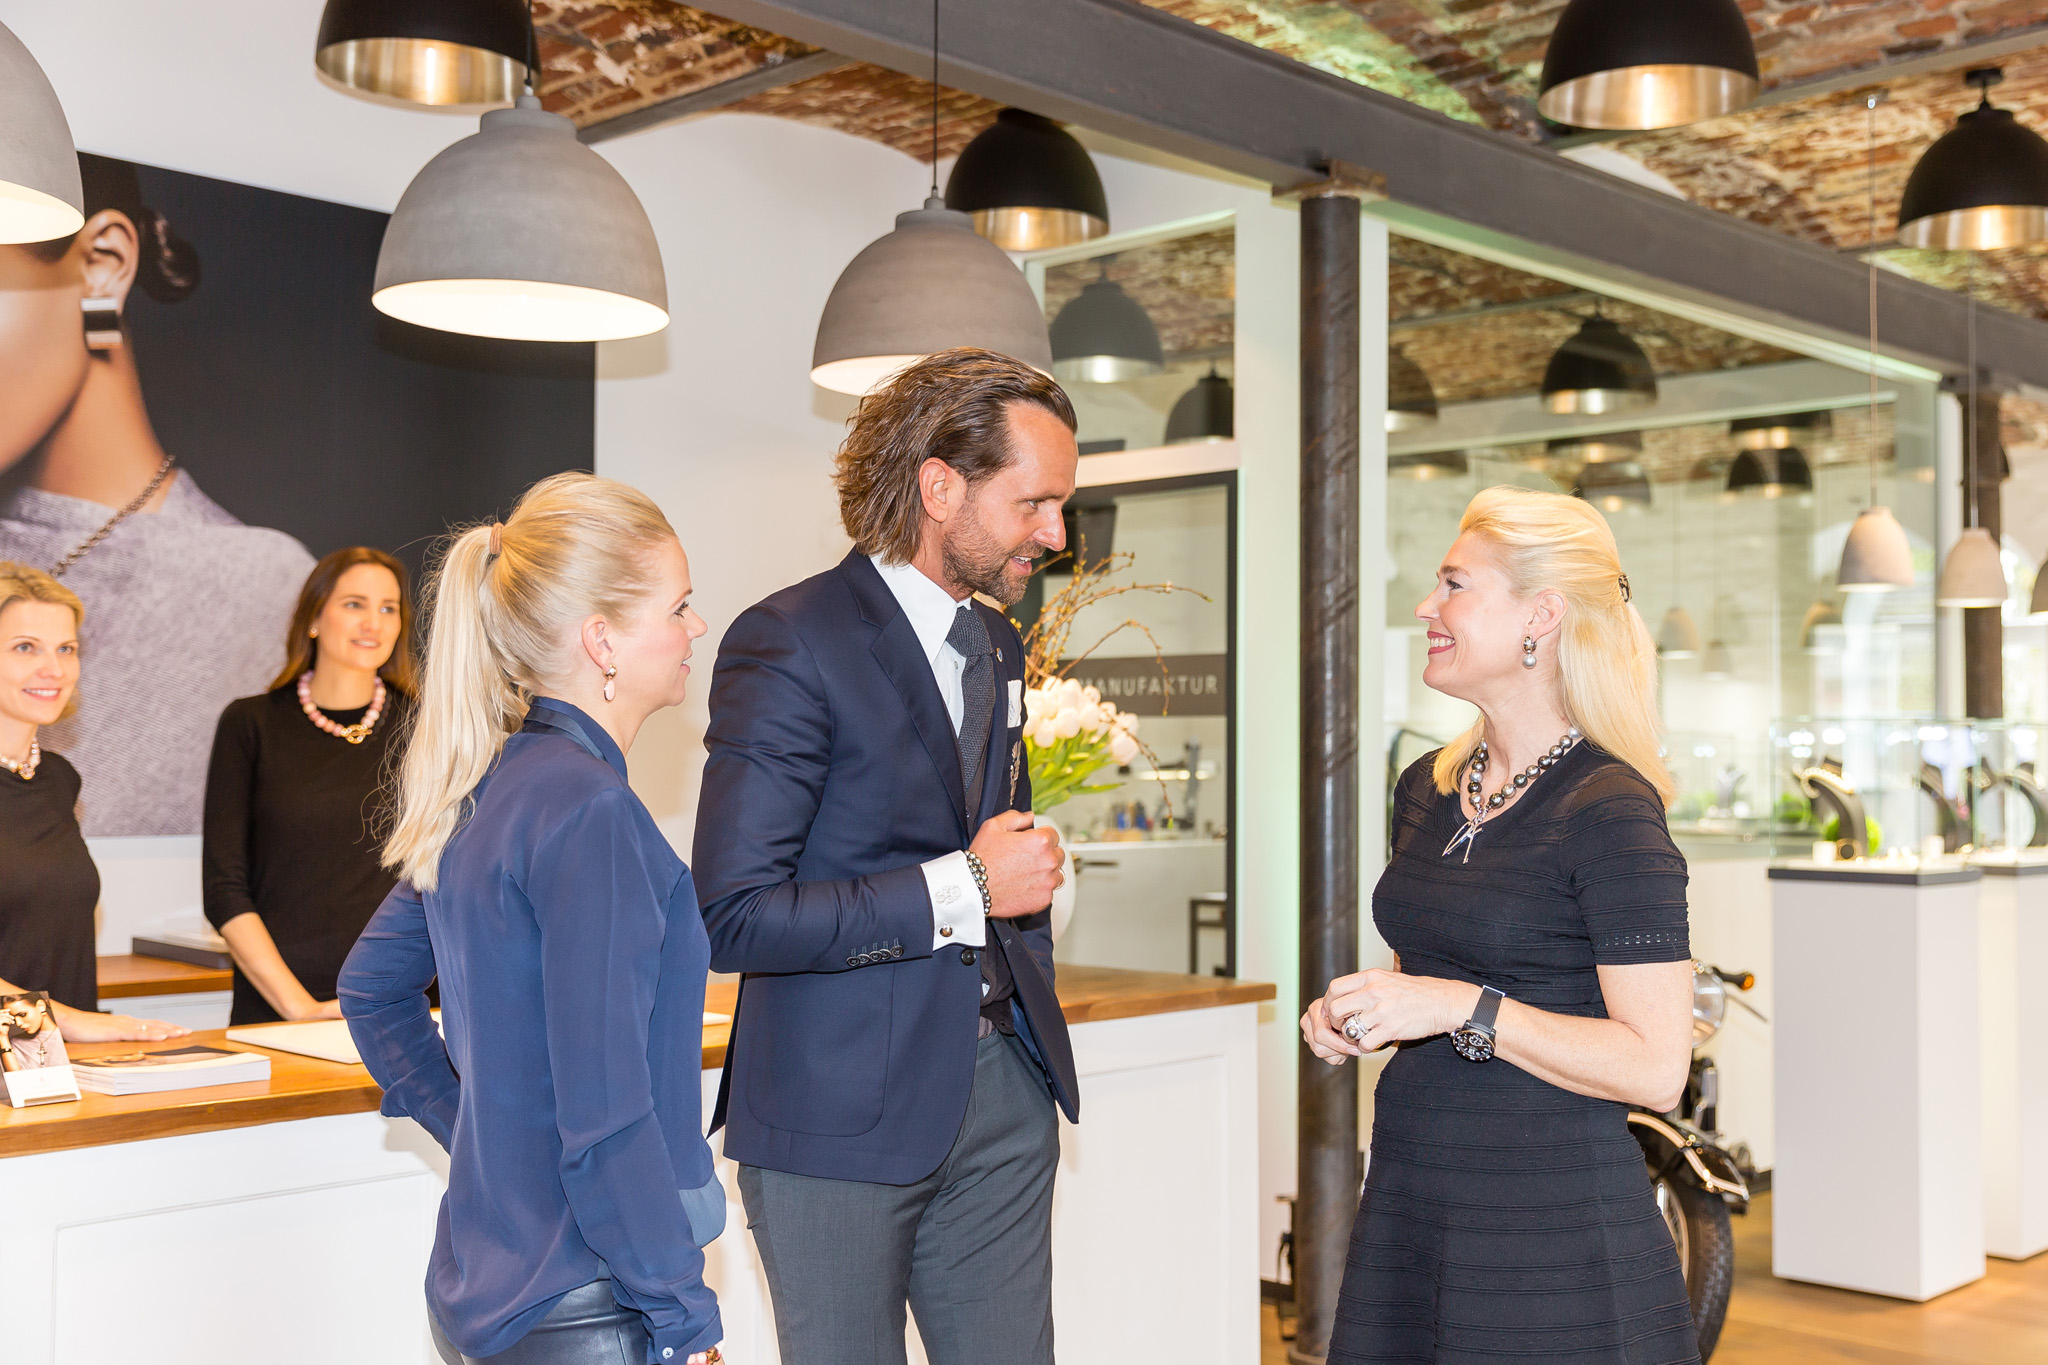 Anna Schneider Brauksiepe, Stephan Schneider Brauksiepe, Brauksiepe Goldschmiede, Goldschmiedemanufaktur Brauksiepe, Fashion-blog, Lifestyle Blog, Lieblingsstil.com